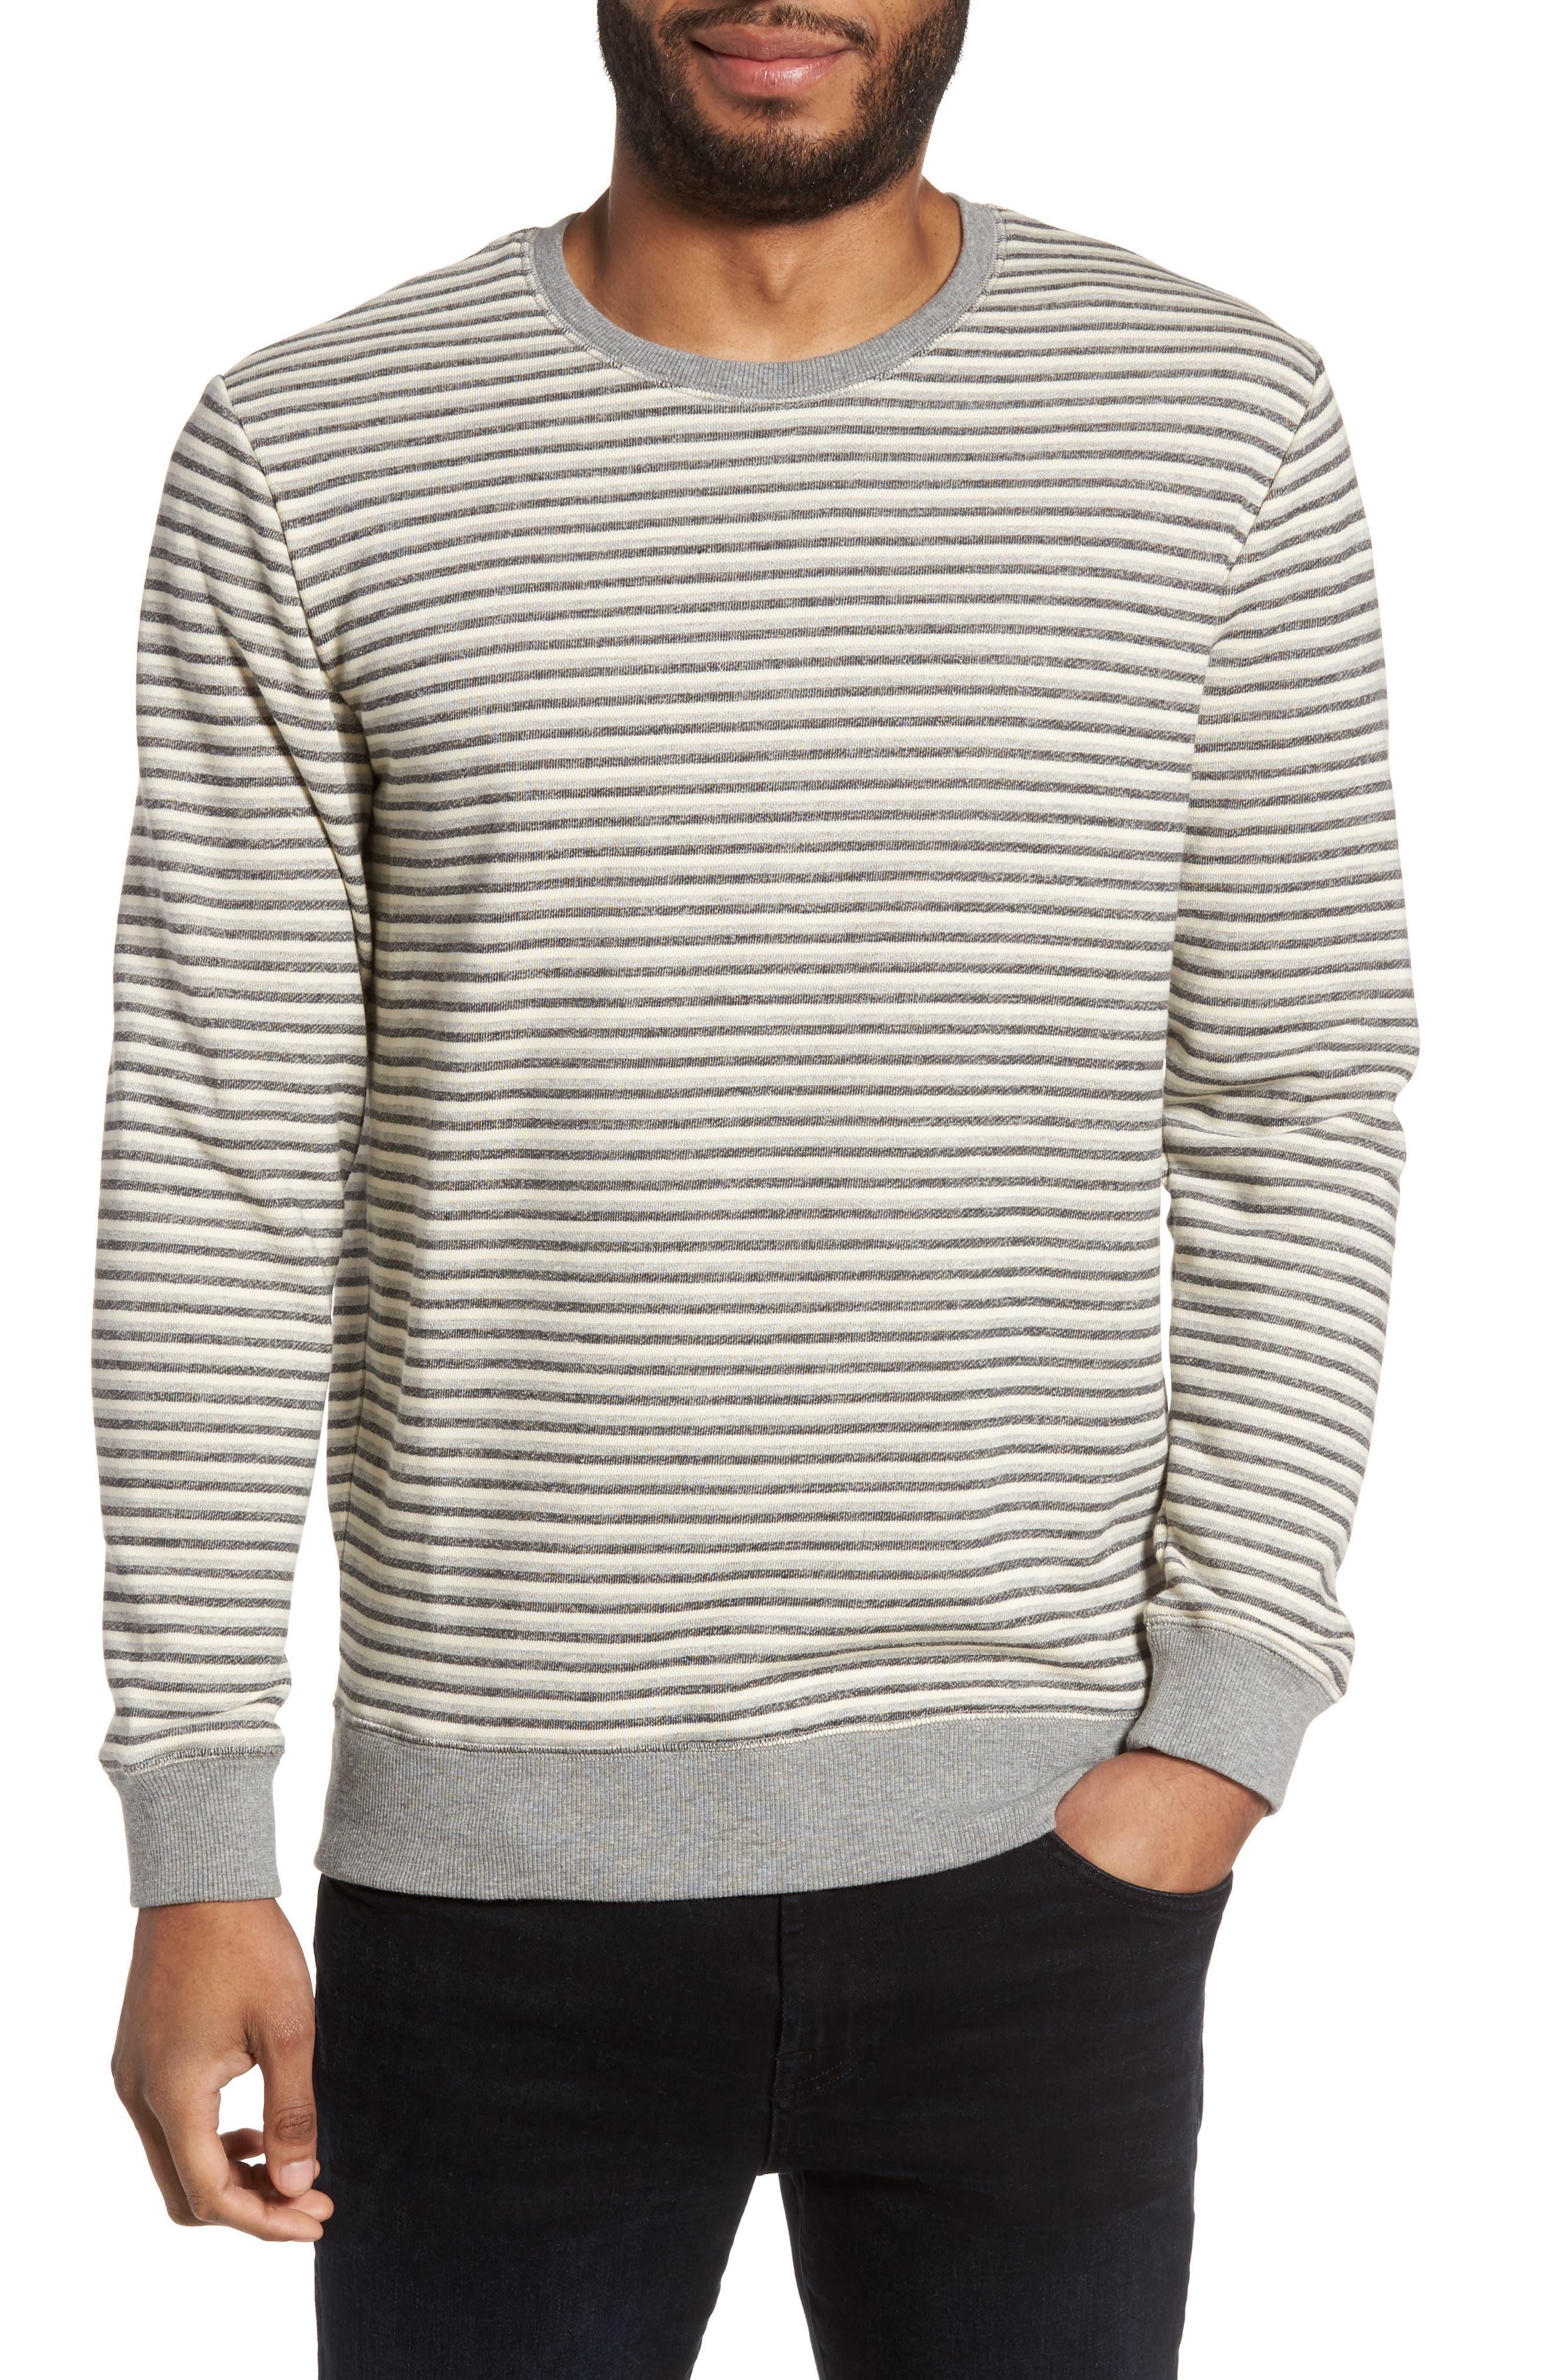 Stripe Crewneck Sweatshirt,                         Main,                         color, Grey Mixed Stripe